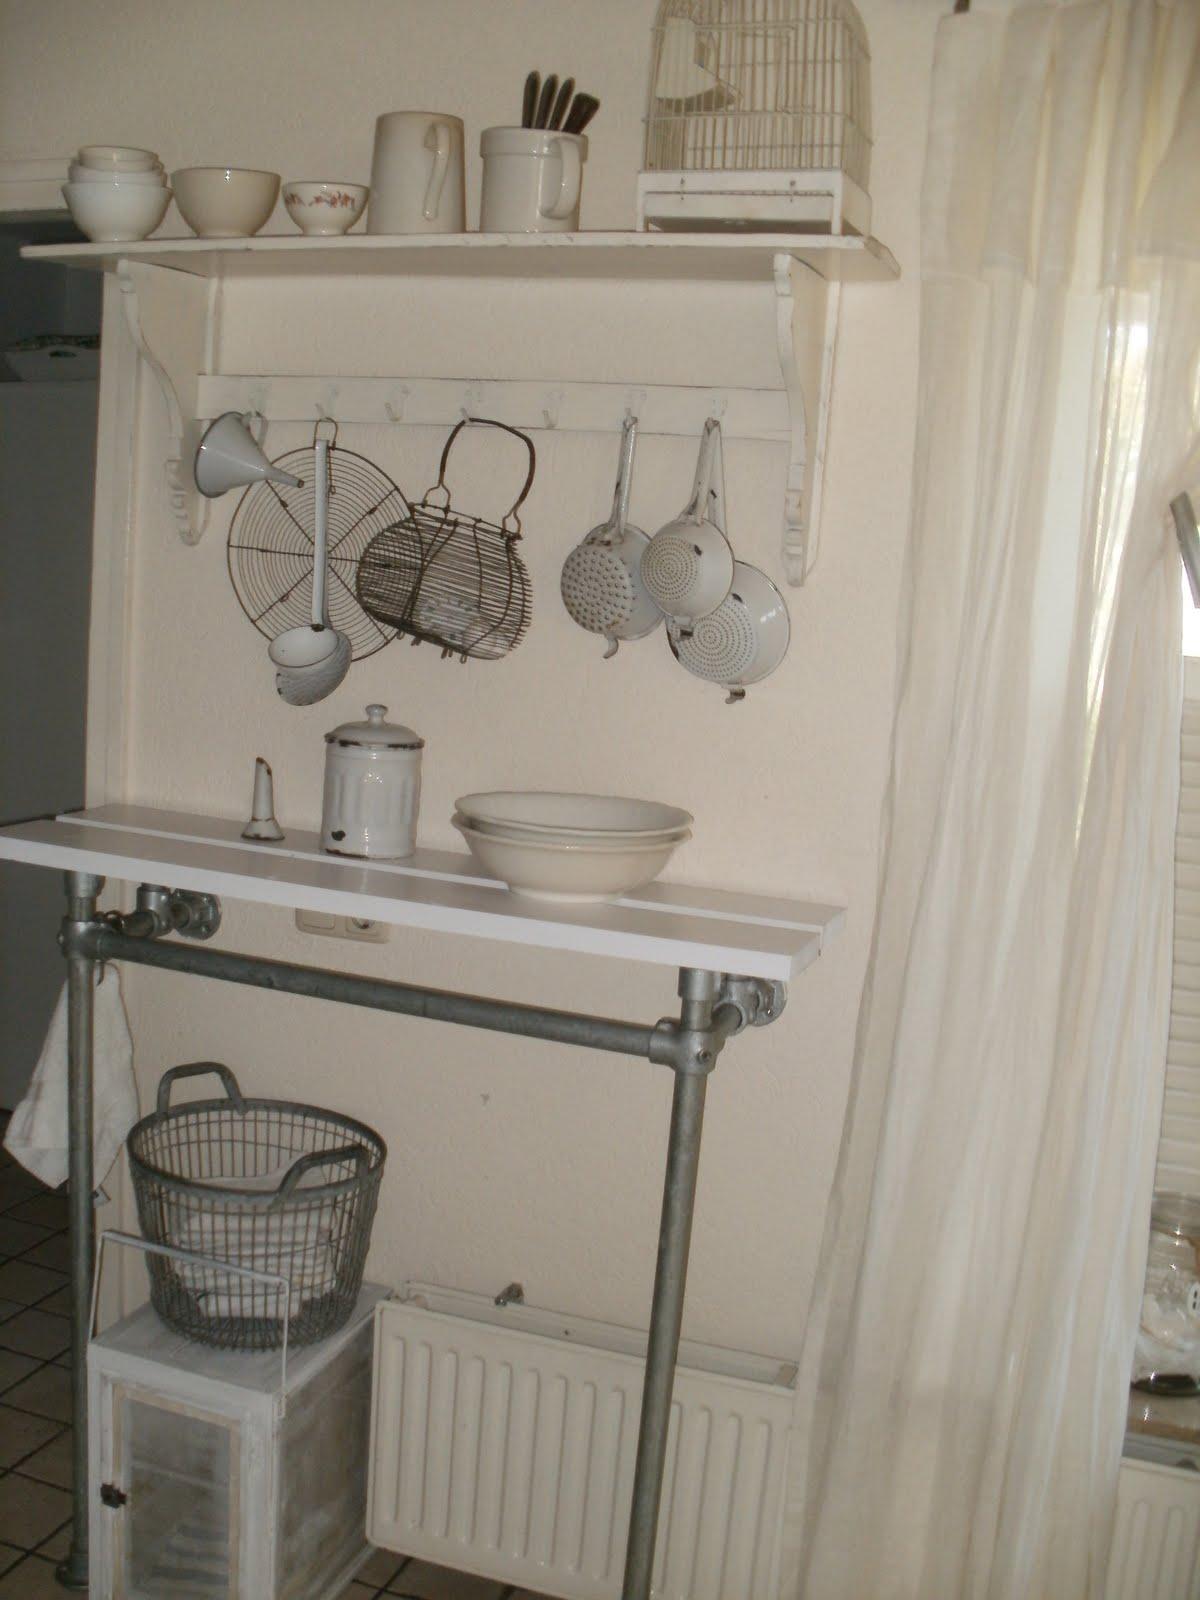 brocante keuken hangkastjes : Hemelswitwonen Keukenkiekjes